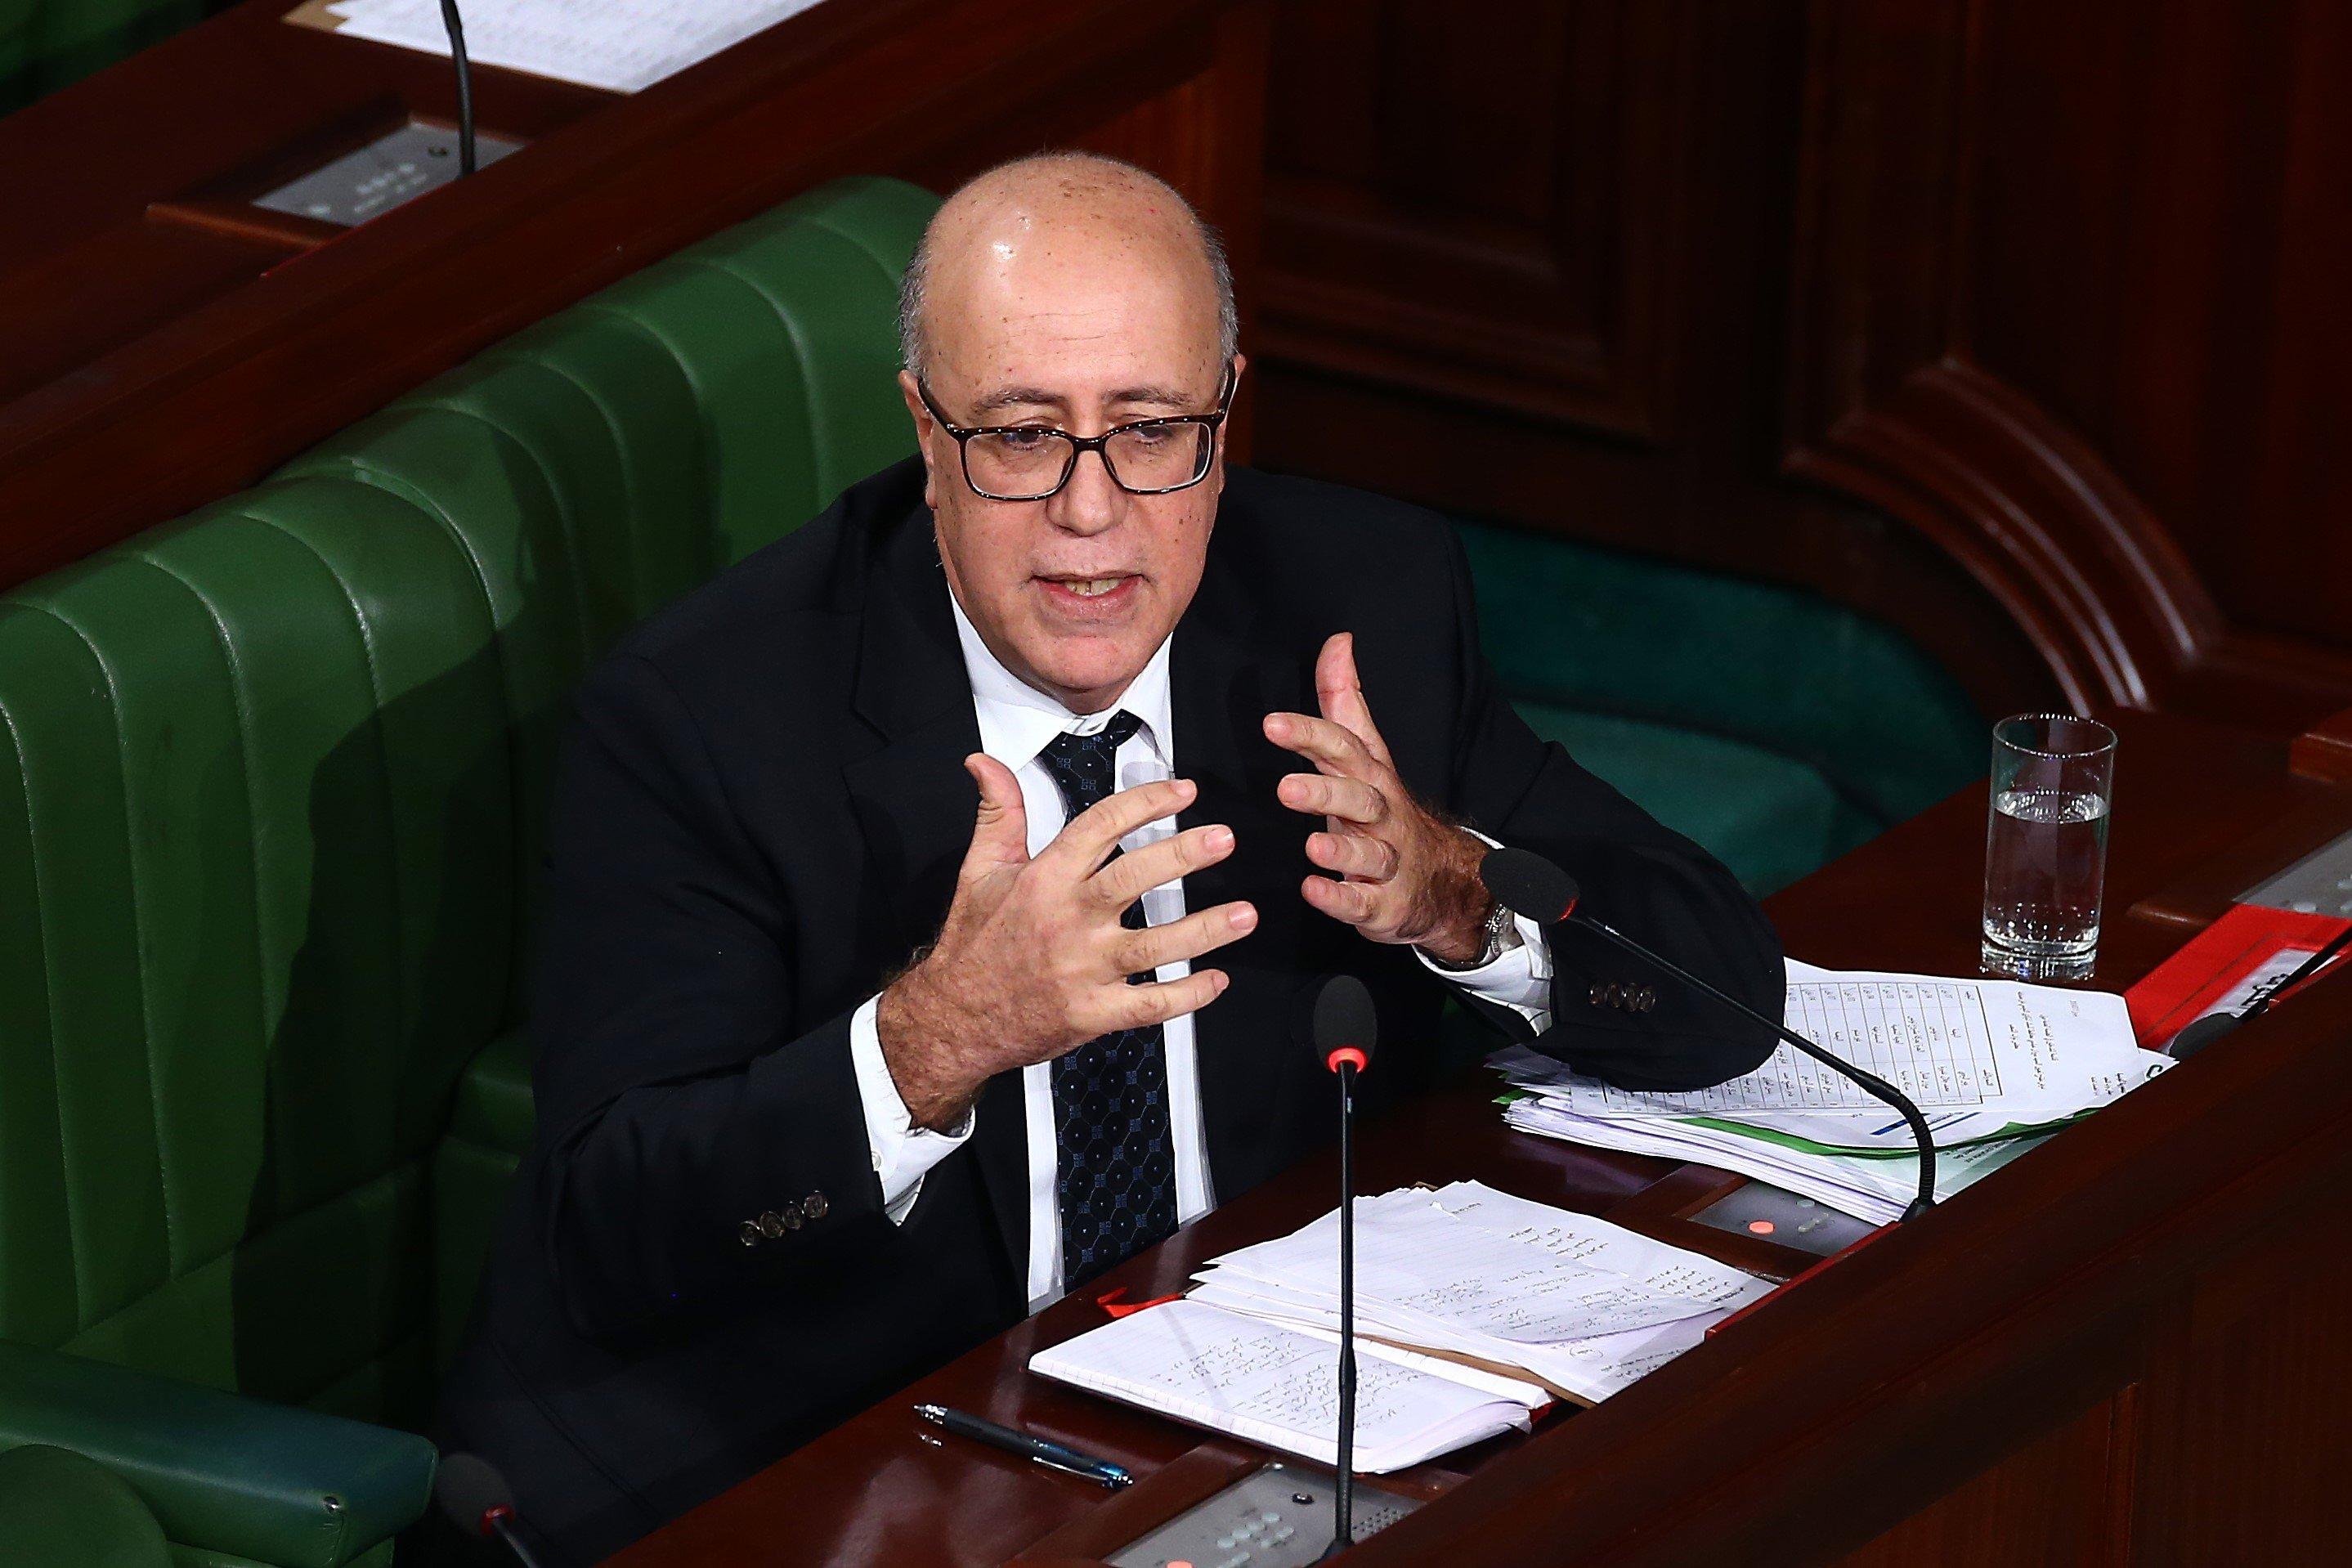 La Banque centrale de Tunisie envisage de lancer un emprunt en devises auprès de la communauté tunisienne à